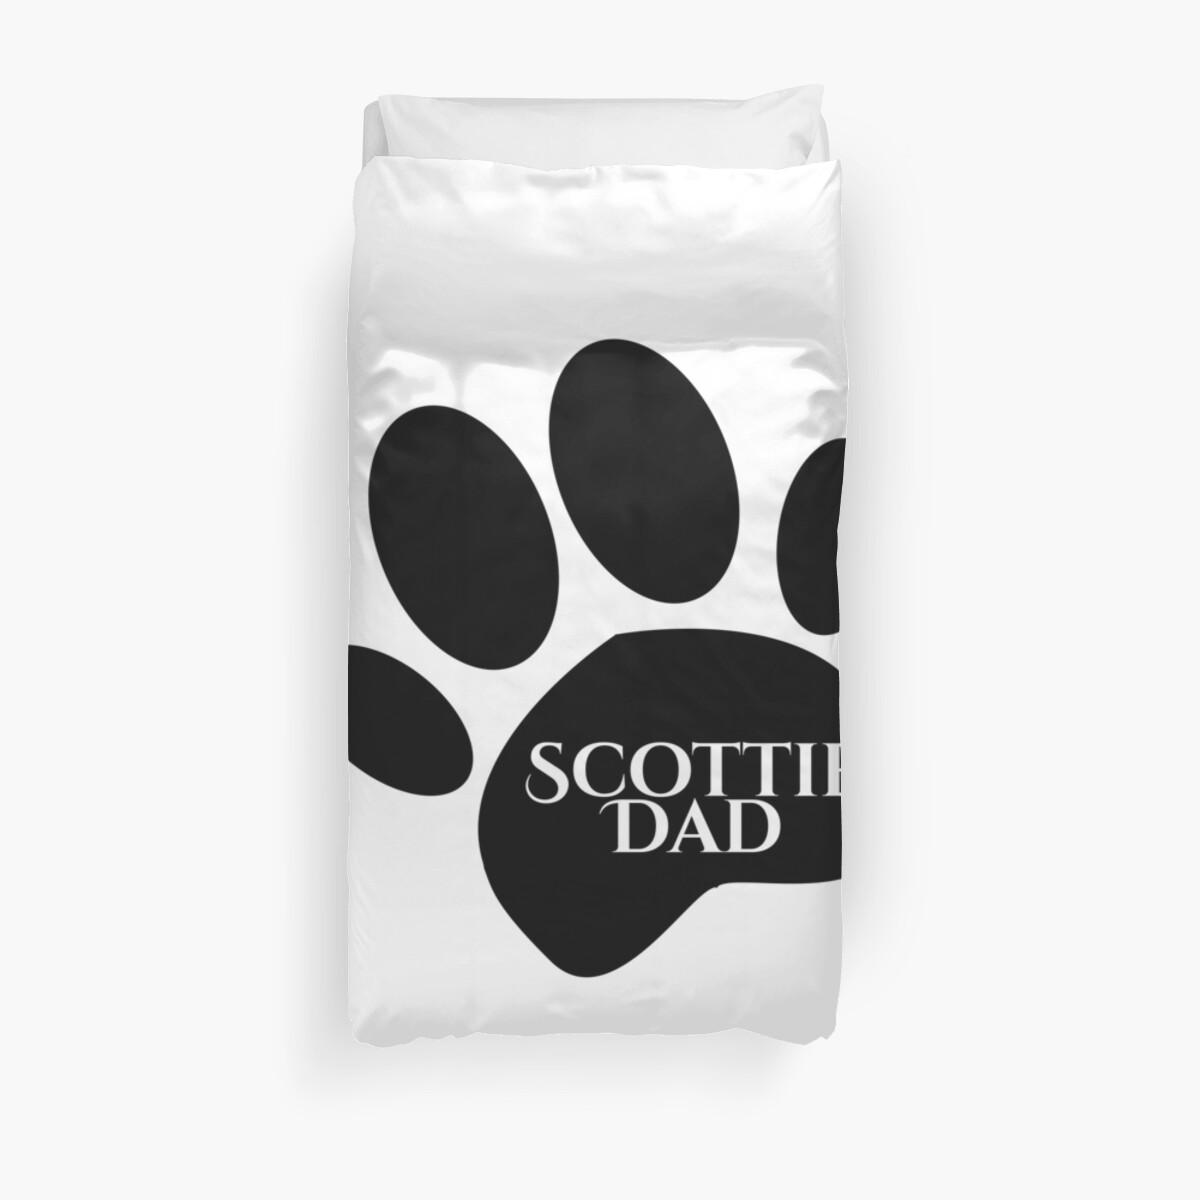 Scottish Terrier Gift - Scottie Dog Gifts - Scotty Dad 2